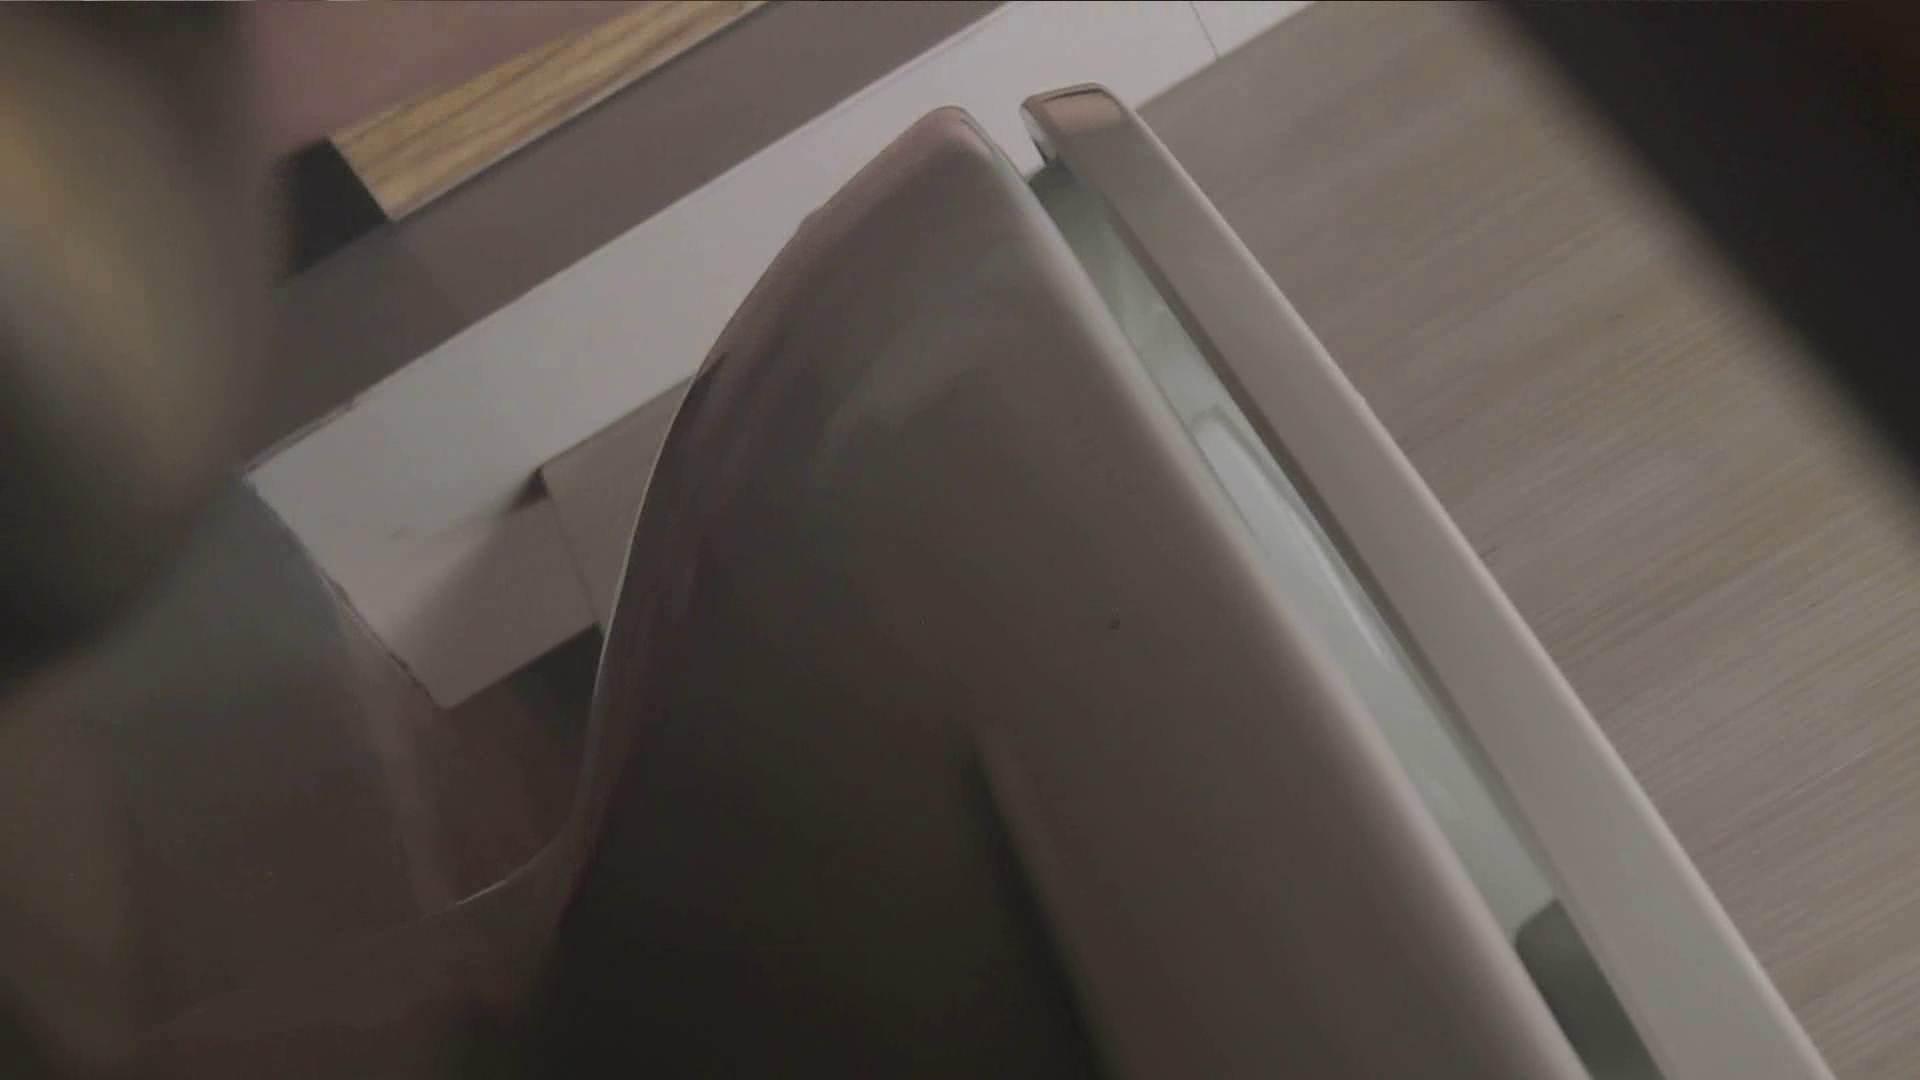 阿国ちゃんの「和式洋式七変化」No.18 iBO(フタコブ) 和式 盗撮 110PIX 24